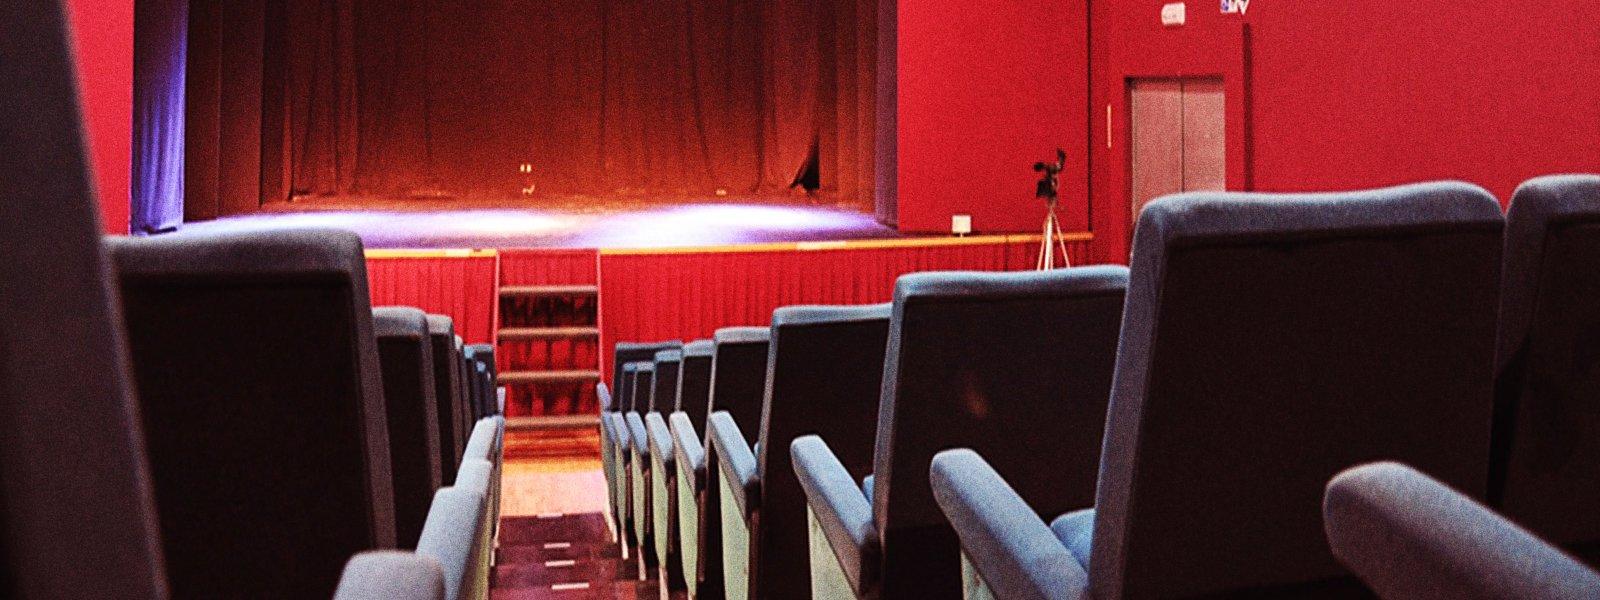 Sala Carolina, localització per a la representació d'espectacles